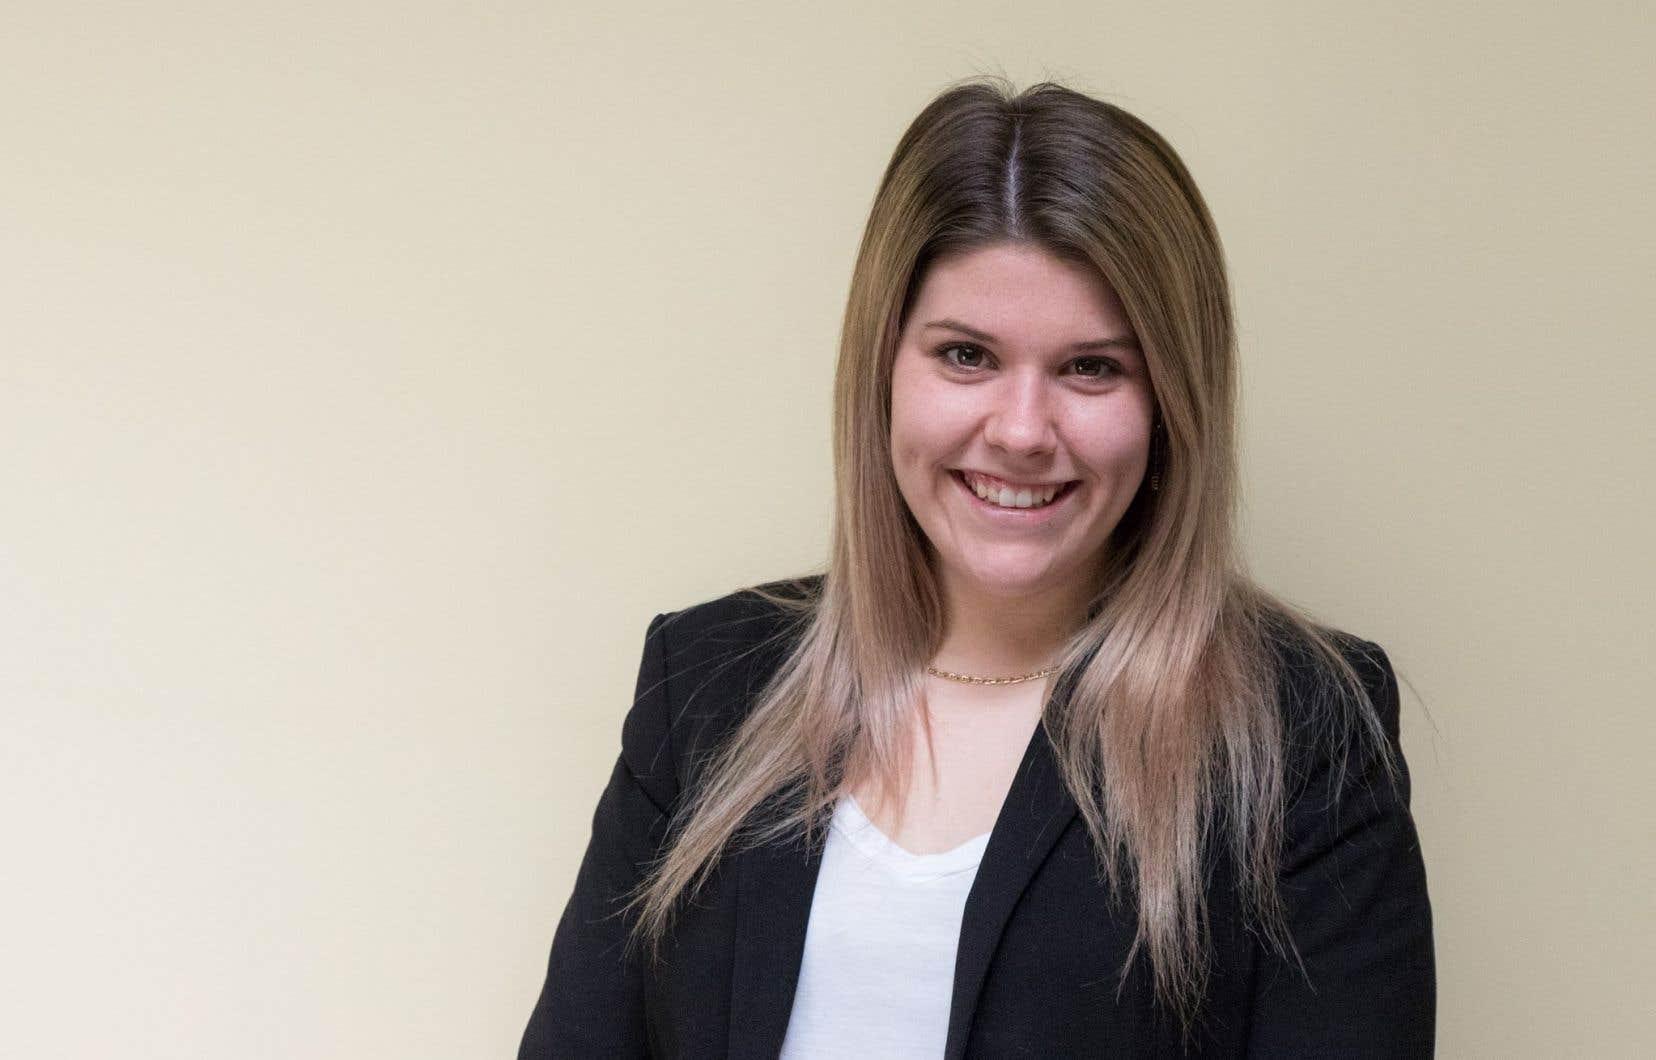 Dans un message publié sur Twitter, la directrice du PLC au Québec, Chelsea Craig, avait écrit que la loi 101 était «oppressive» et qu'elle aurait «gâché» l'éducation en langue anglaise au Québec.